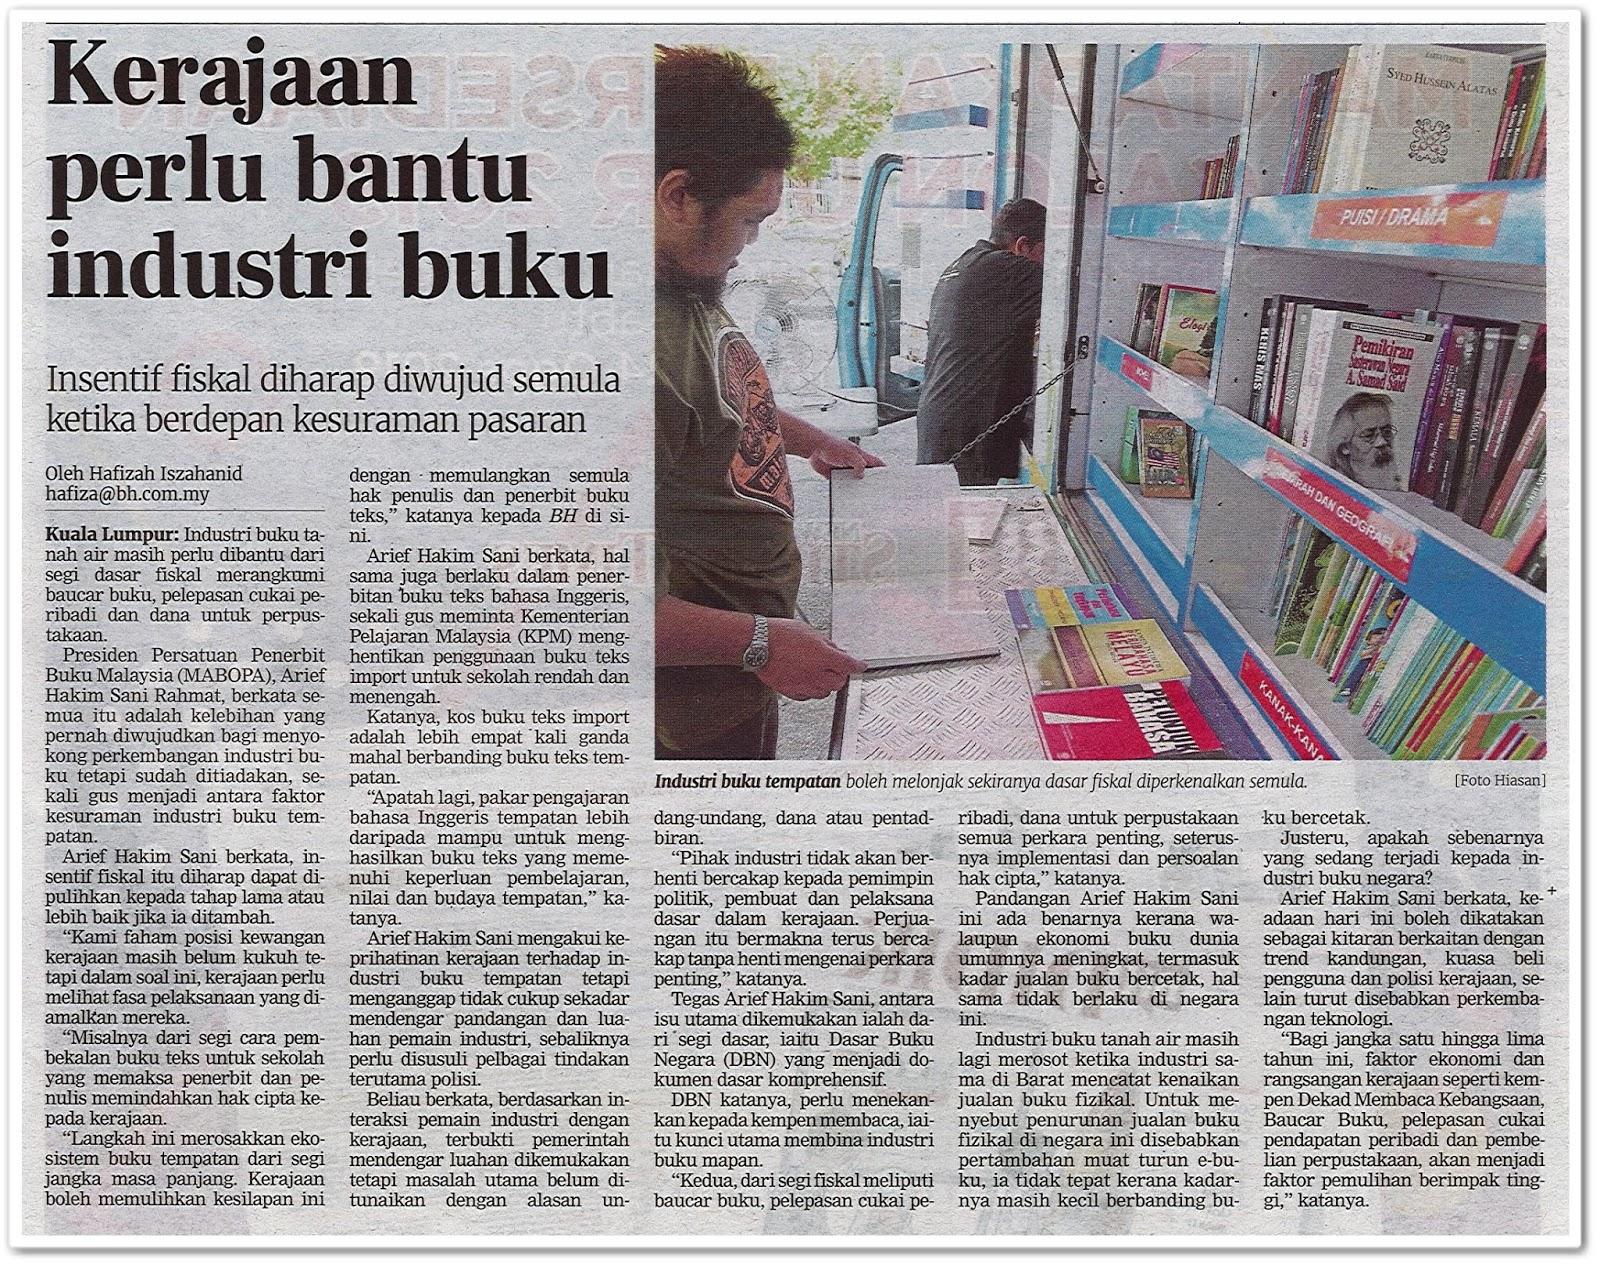 Kerajaan perlu bantu industri buku - Keratan akhbar Berita Harian 22 Julai 2019